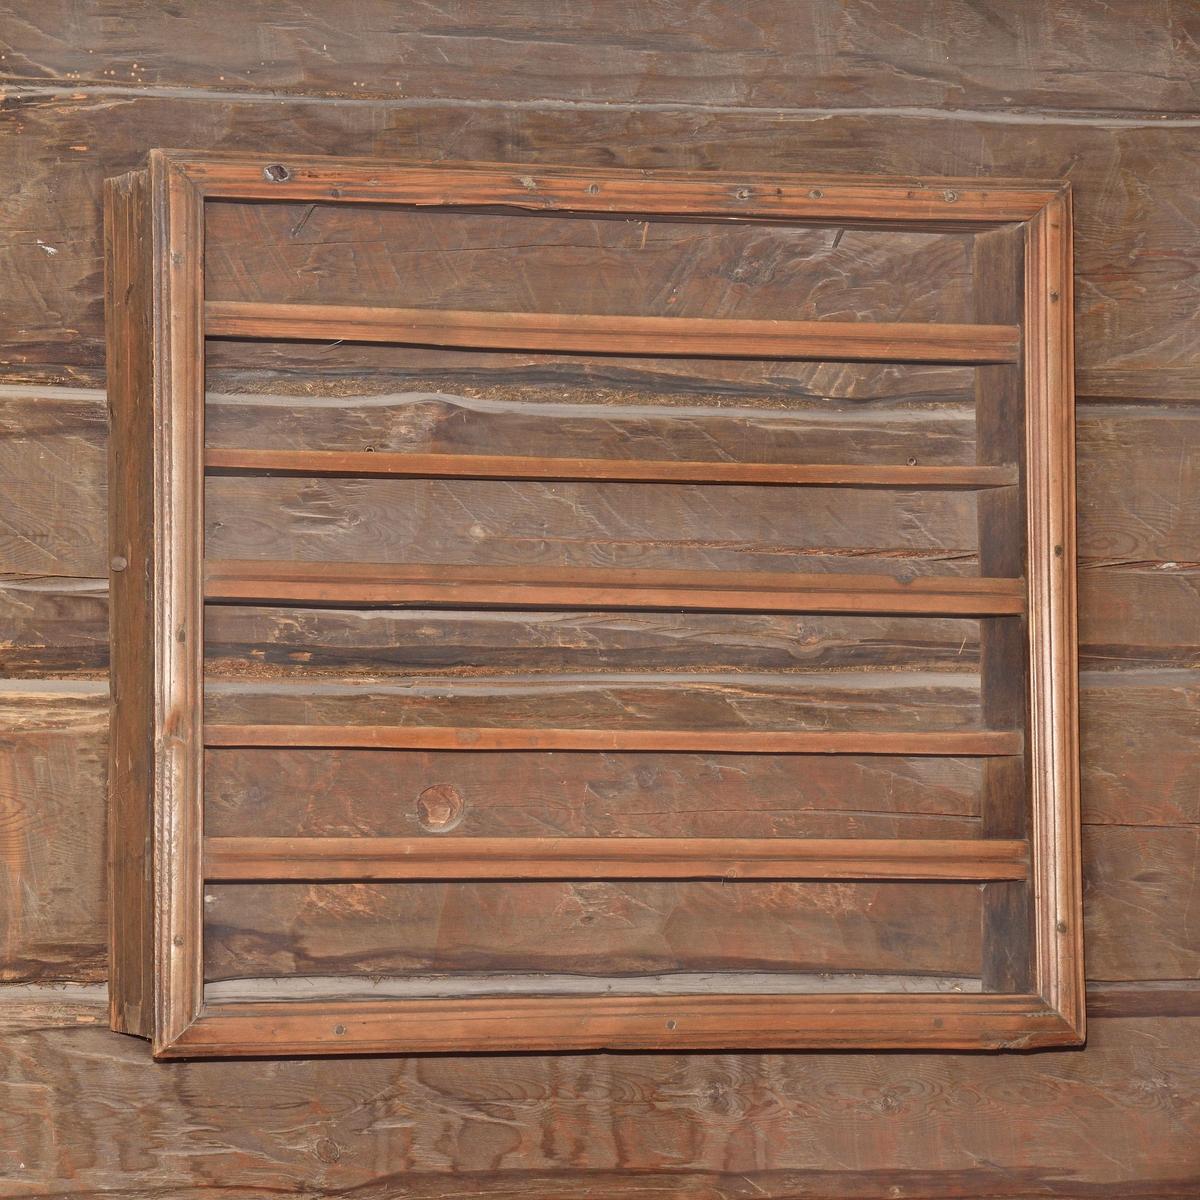 Hylla av omålat barrträ, rektangulär form, väggfast. Ram av brädlappar, randhyvlade kantlister och slåar, två hyllplan, hopsinkad.